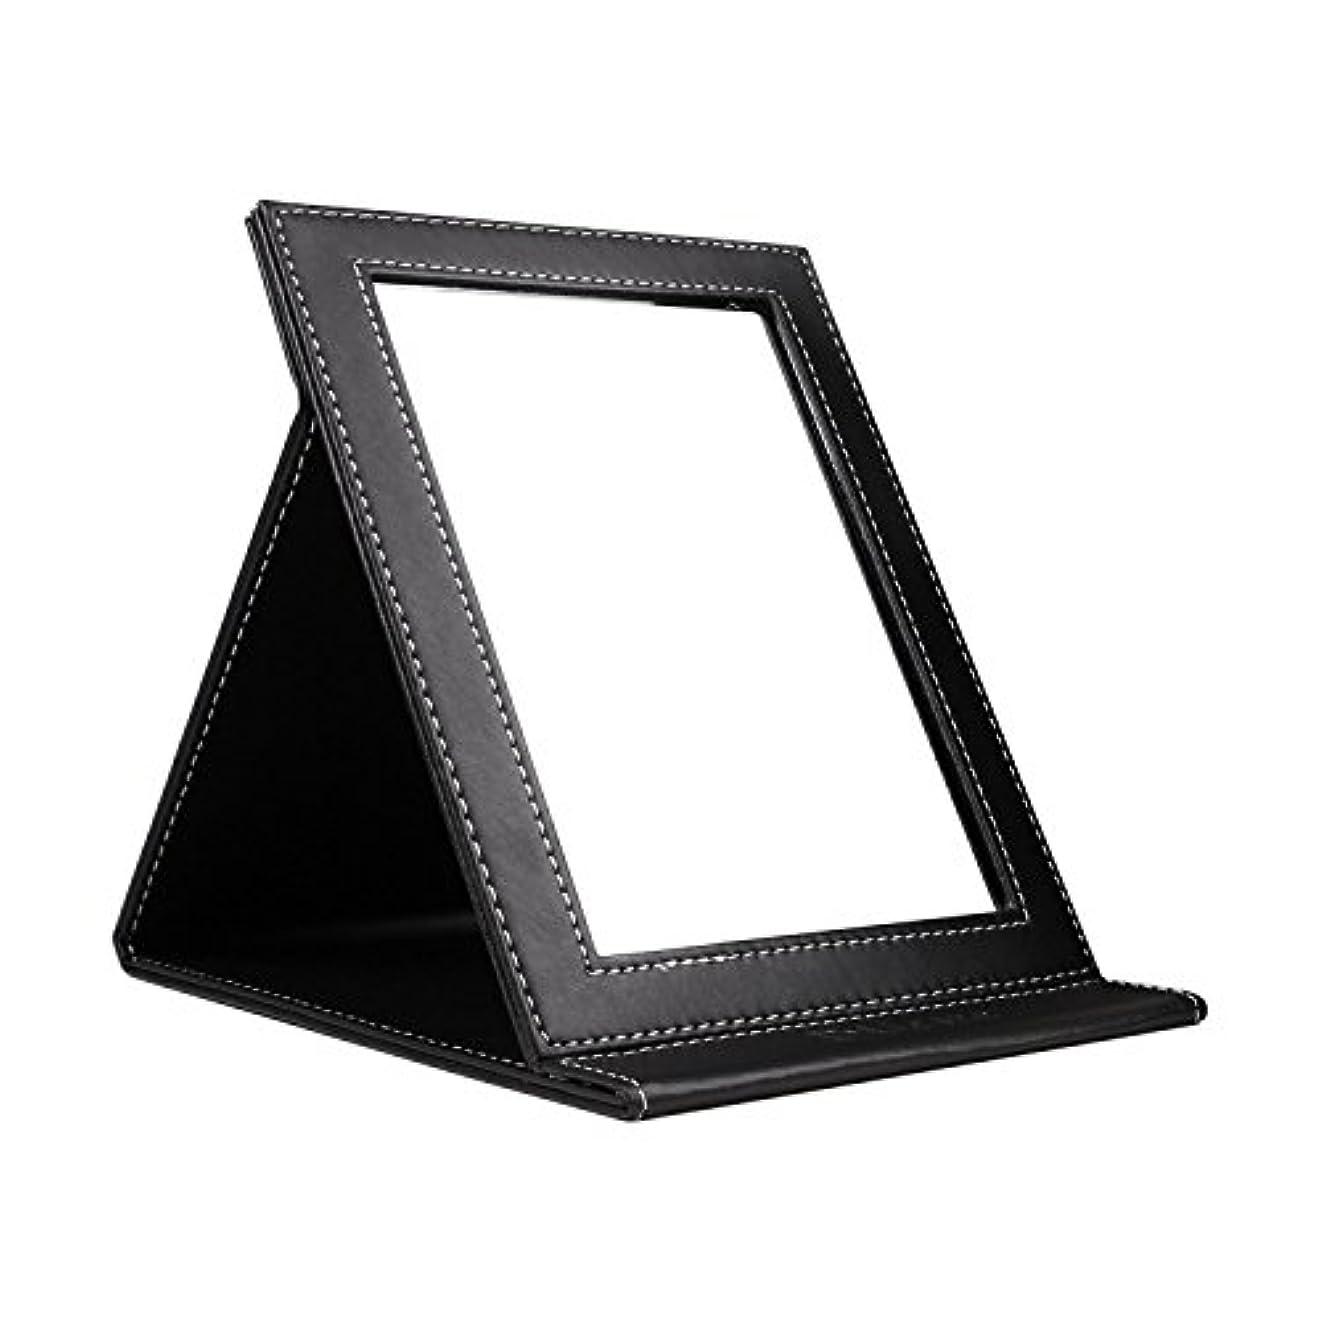 直感デイジーノベルティDUcare ドゥケア 化粧鏡 スタンドミラー 折りたたみ式 角度調整自由自在 上質PUレザー使用